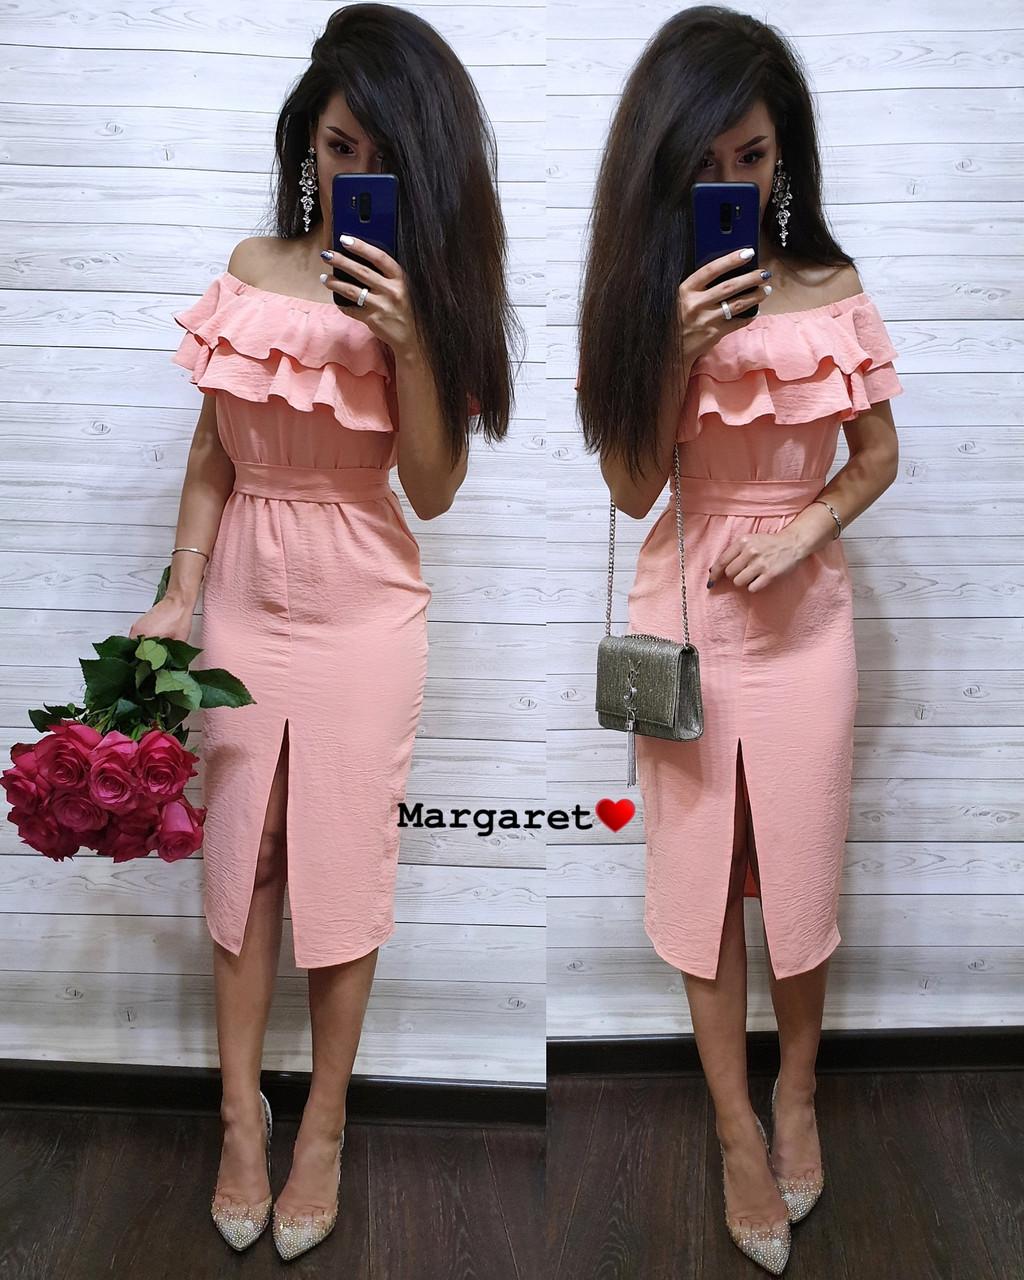 Легкое нарядное платье длины ниже колена с двойным воланом от груди